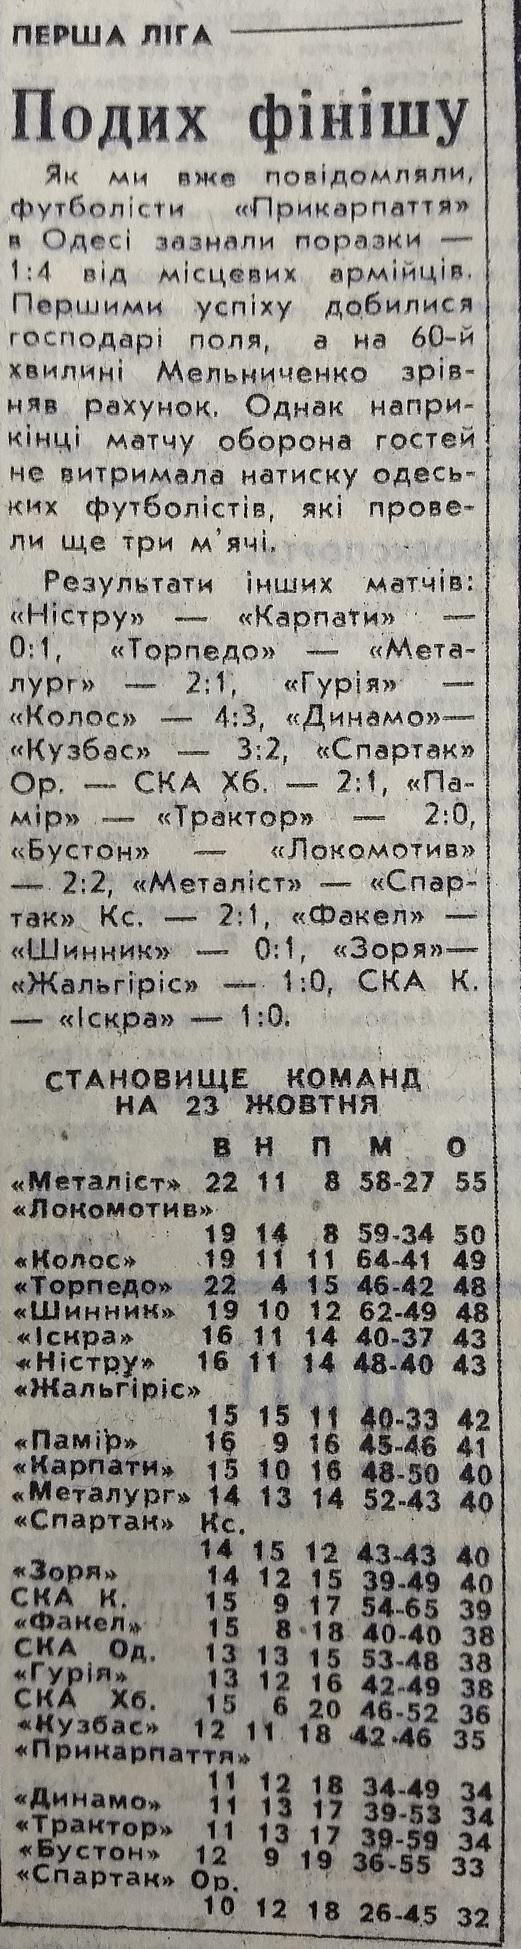 СКА (Одесса) - Прикарпатье (Ивано-Франковск) 4:1